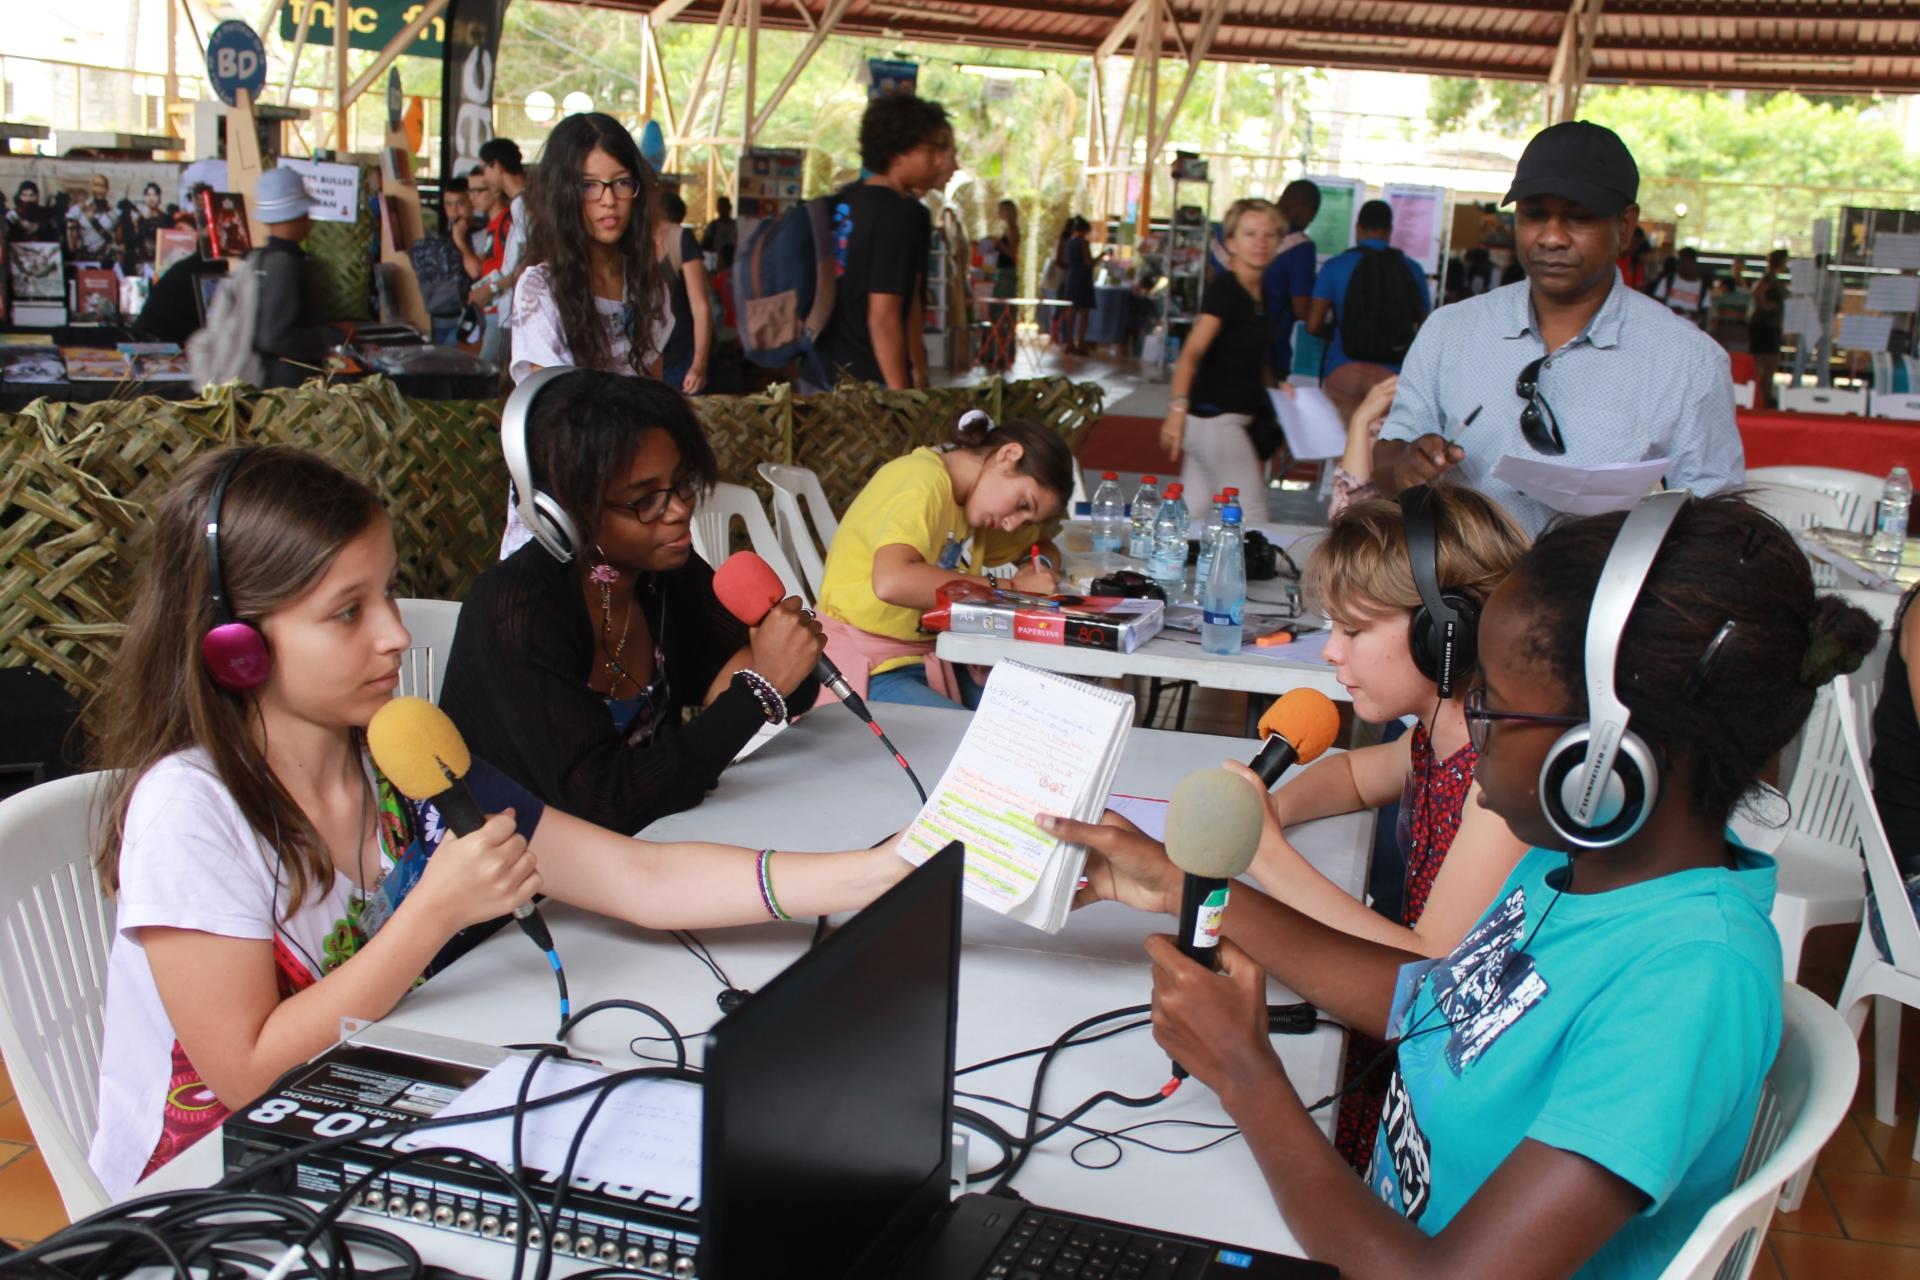 Une invitée sur le plateau radio